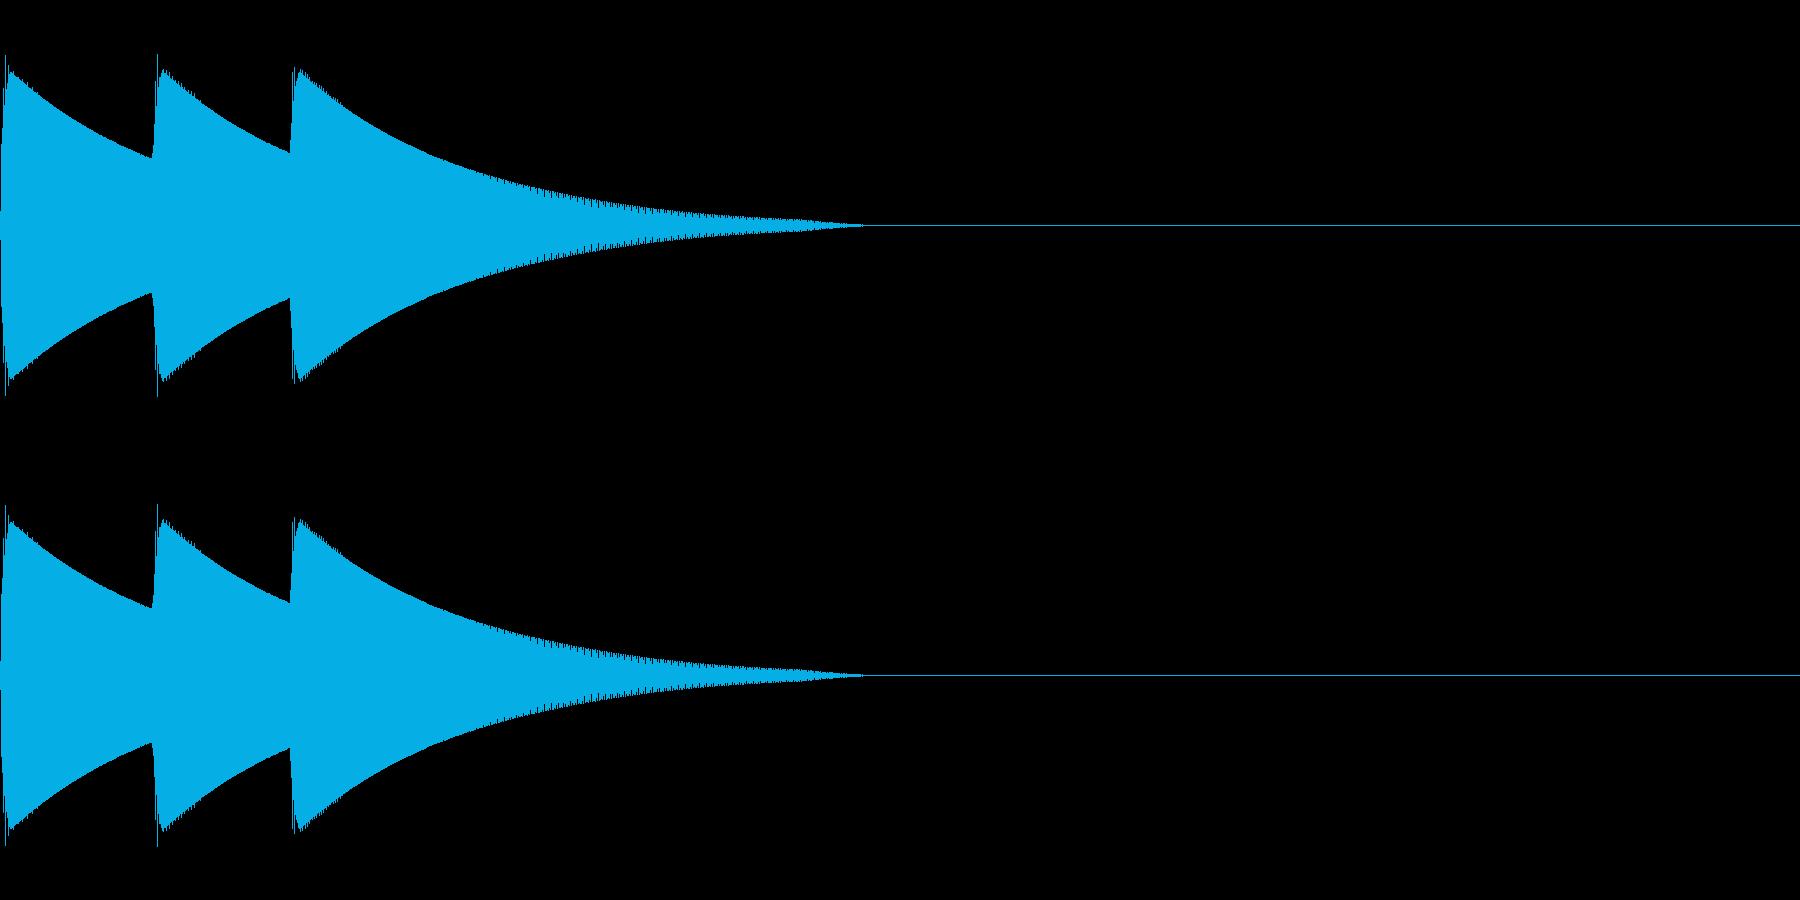 ボタン、クリック、アイテム獲得(低音域)の再生済みの波形